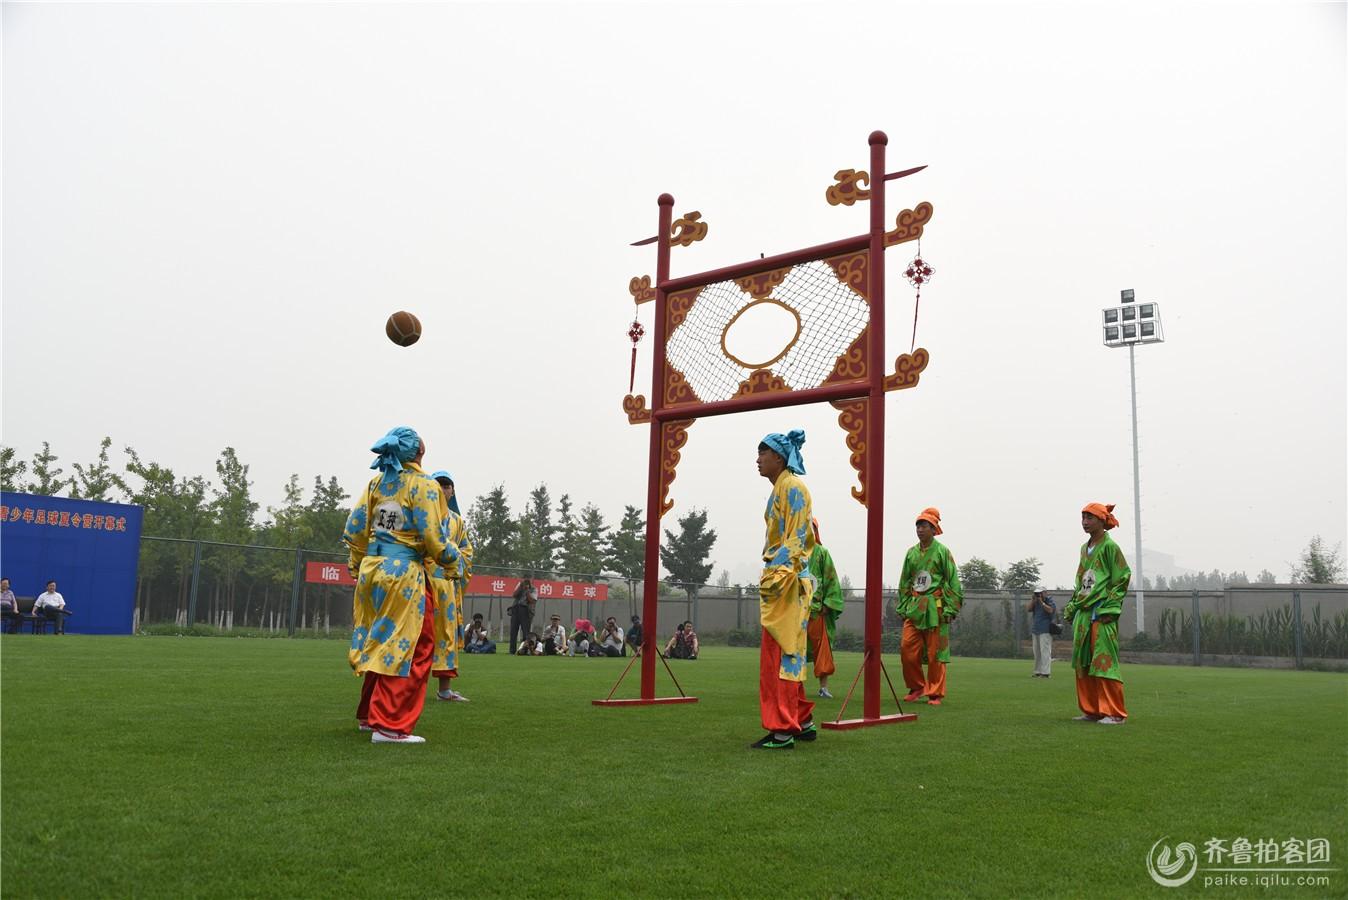 蹴鞠_蹴鞠中国古代足球运动